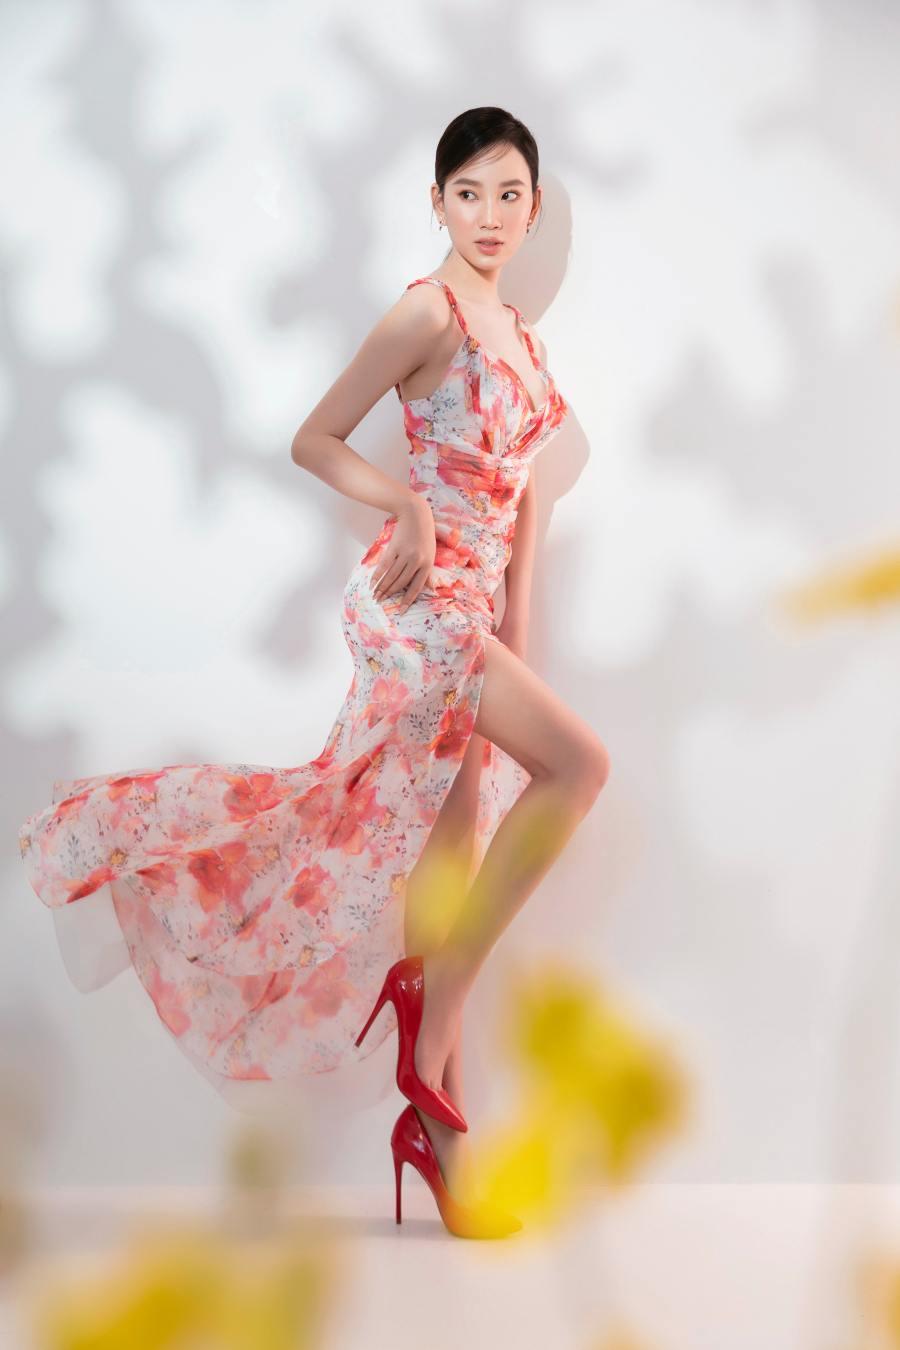 Đại diện Việt Nam tại Hoa hậu Liên lục địa diện váy hoa rực rỡ của NTK Đỗ Long - 1